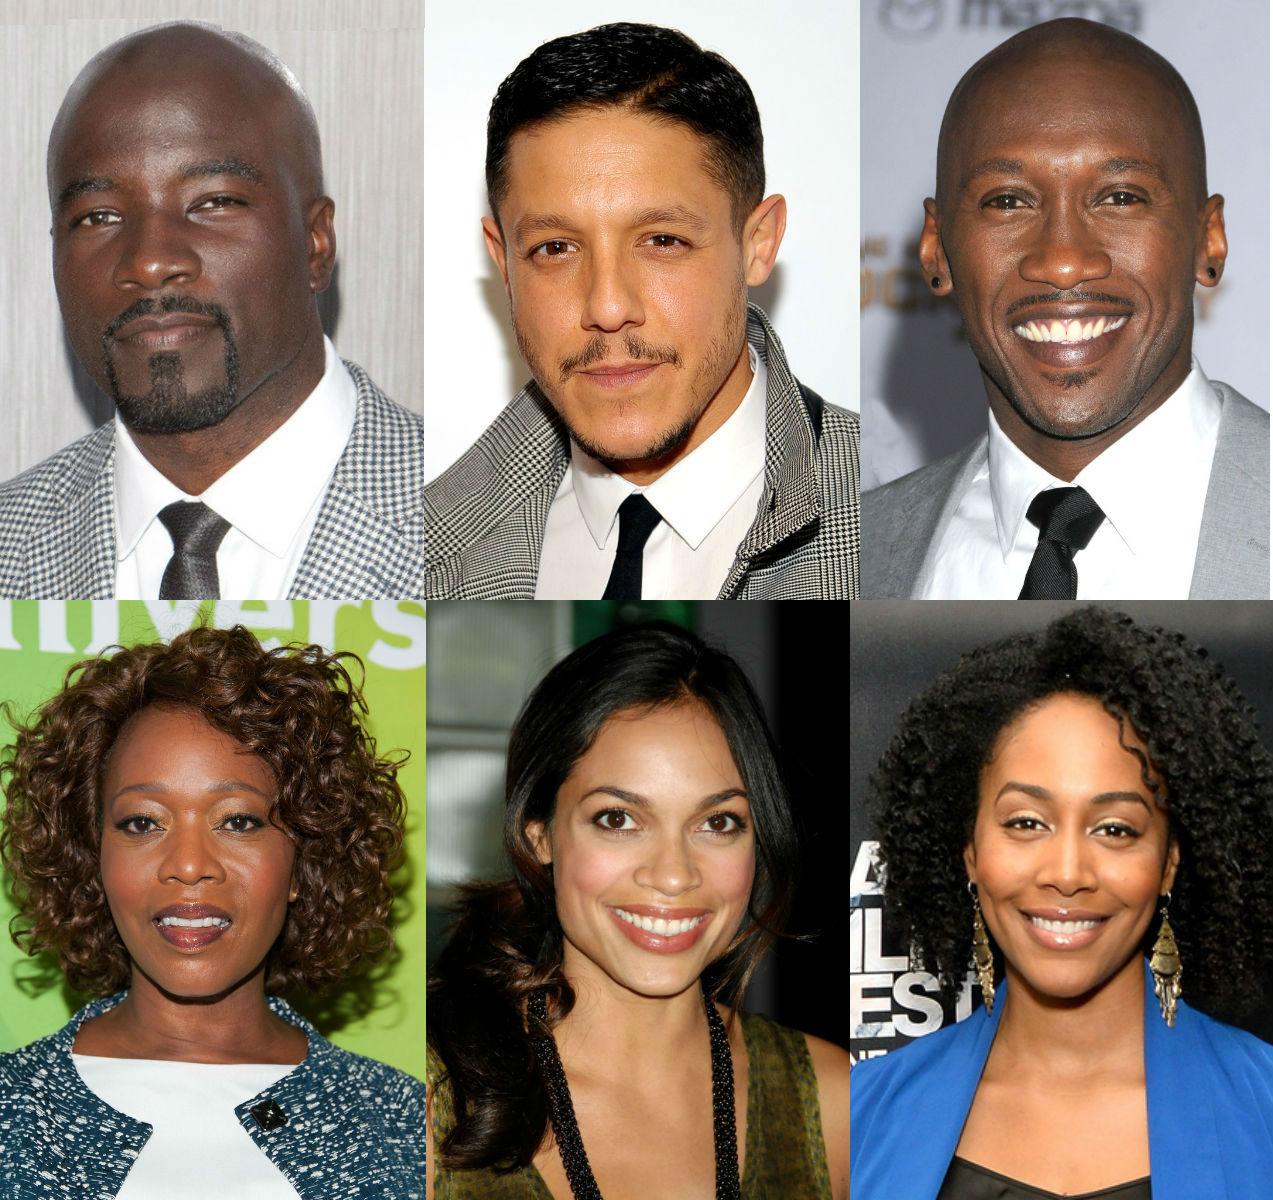 Luke Cage cast